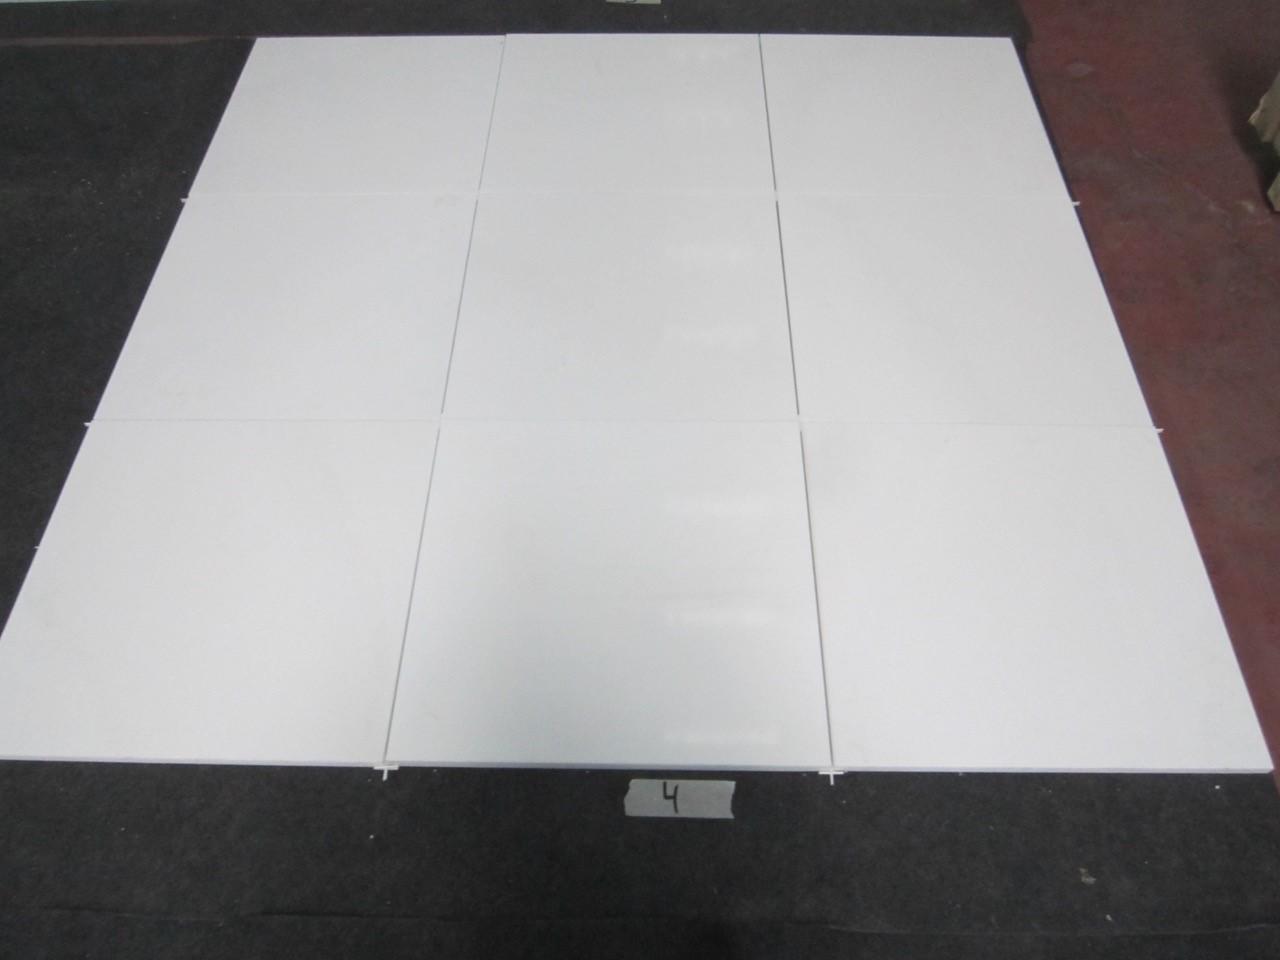 Thassos White Tiles Polished White Marble Tiles